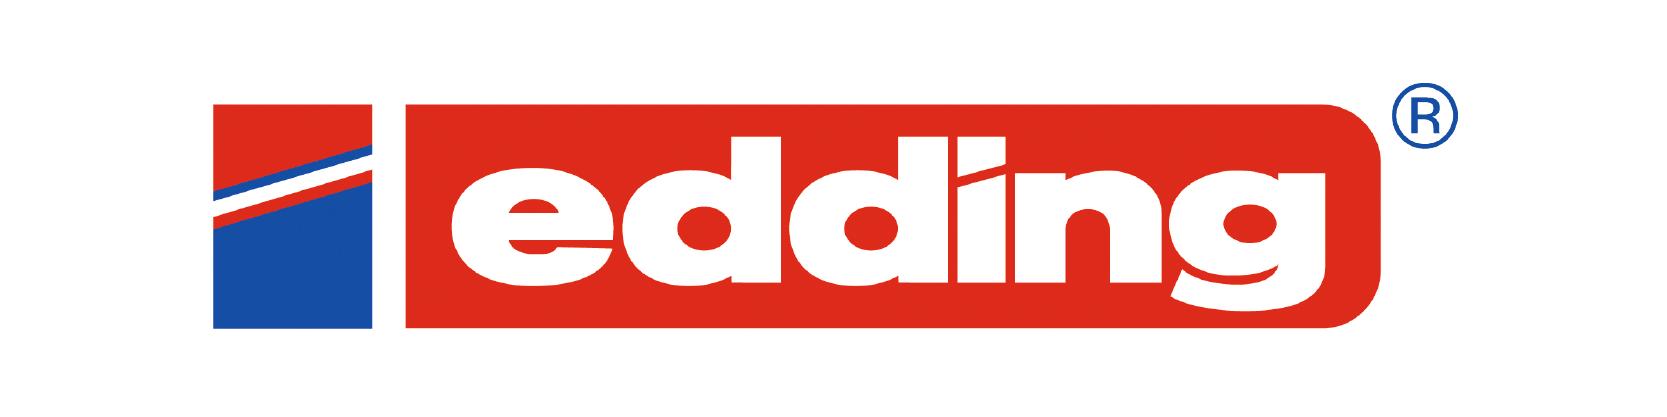 edding Logo - Lieferant unseres Bastelladen in Lohne